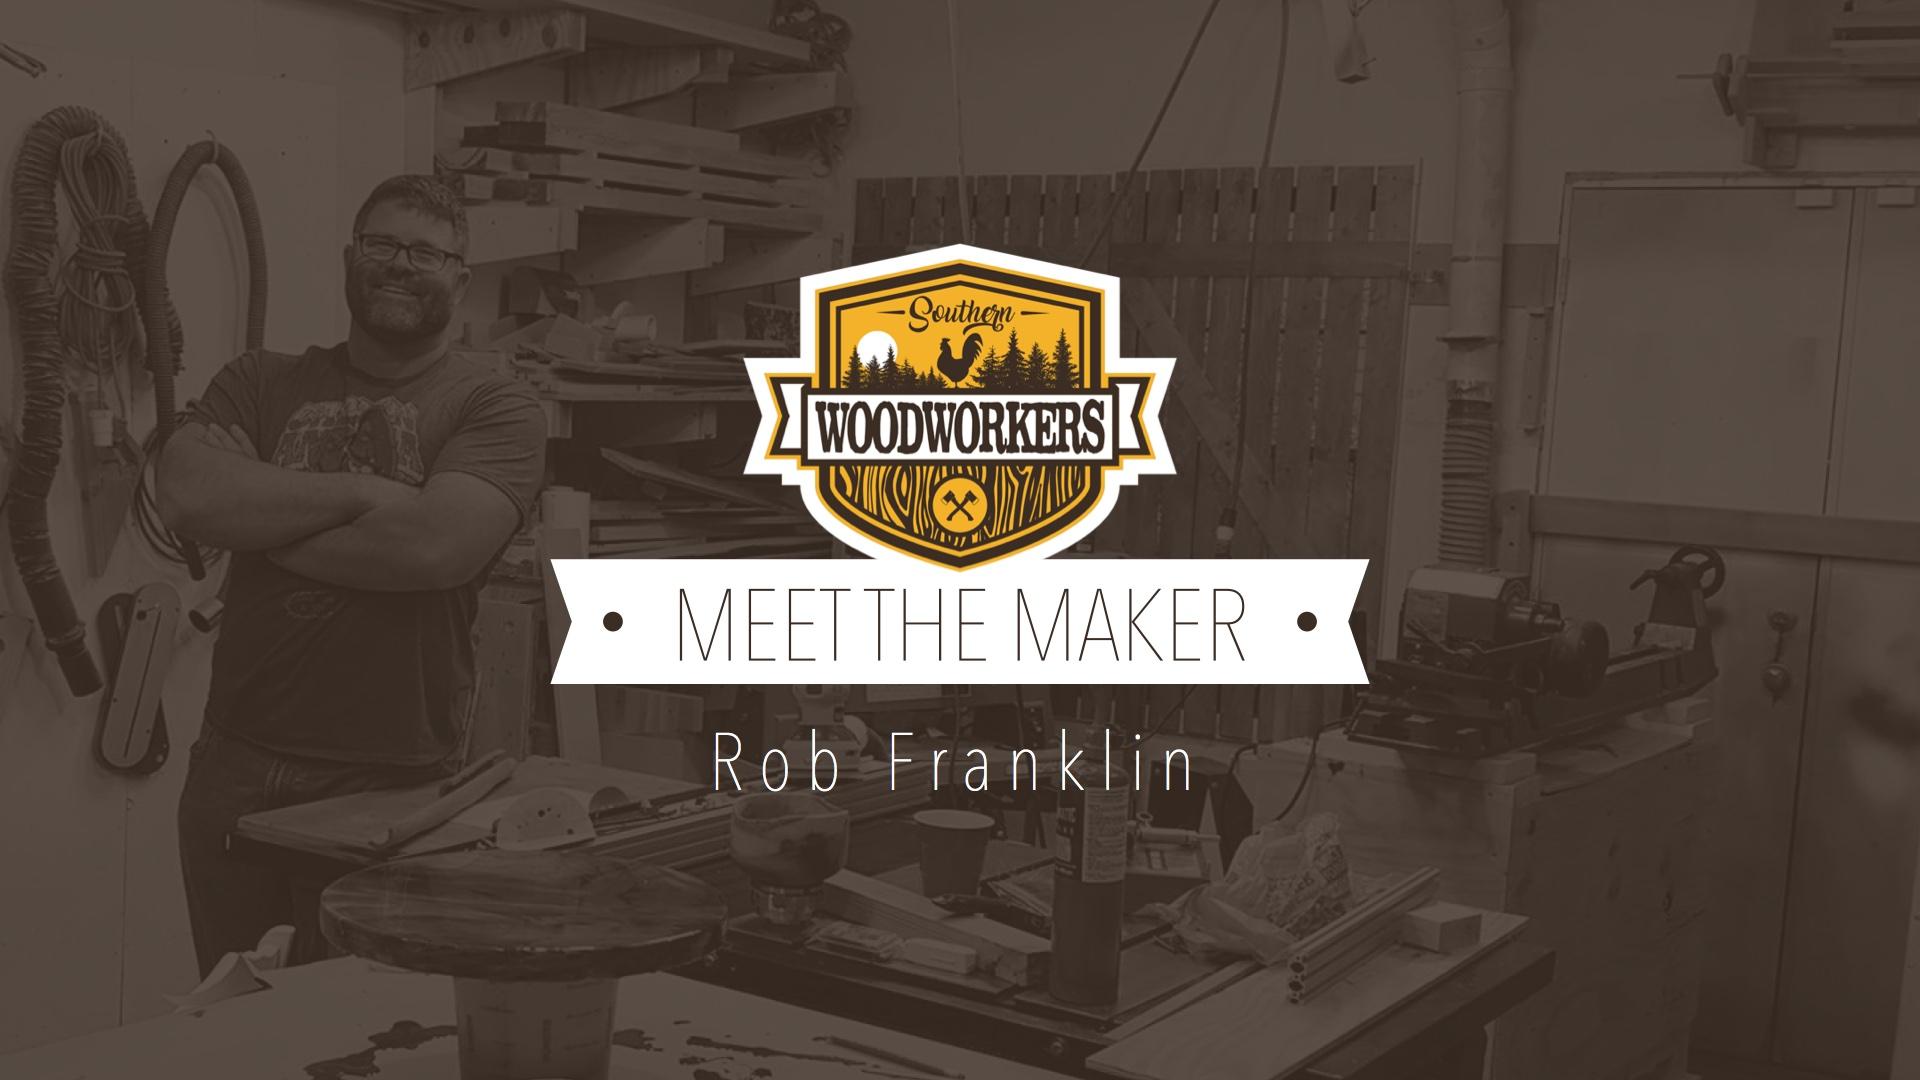 SouthernWoodworkers-MeetTheMaker4-1.jpg